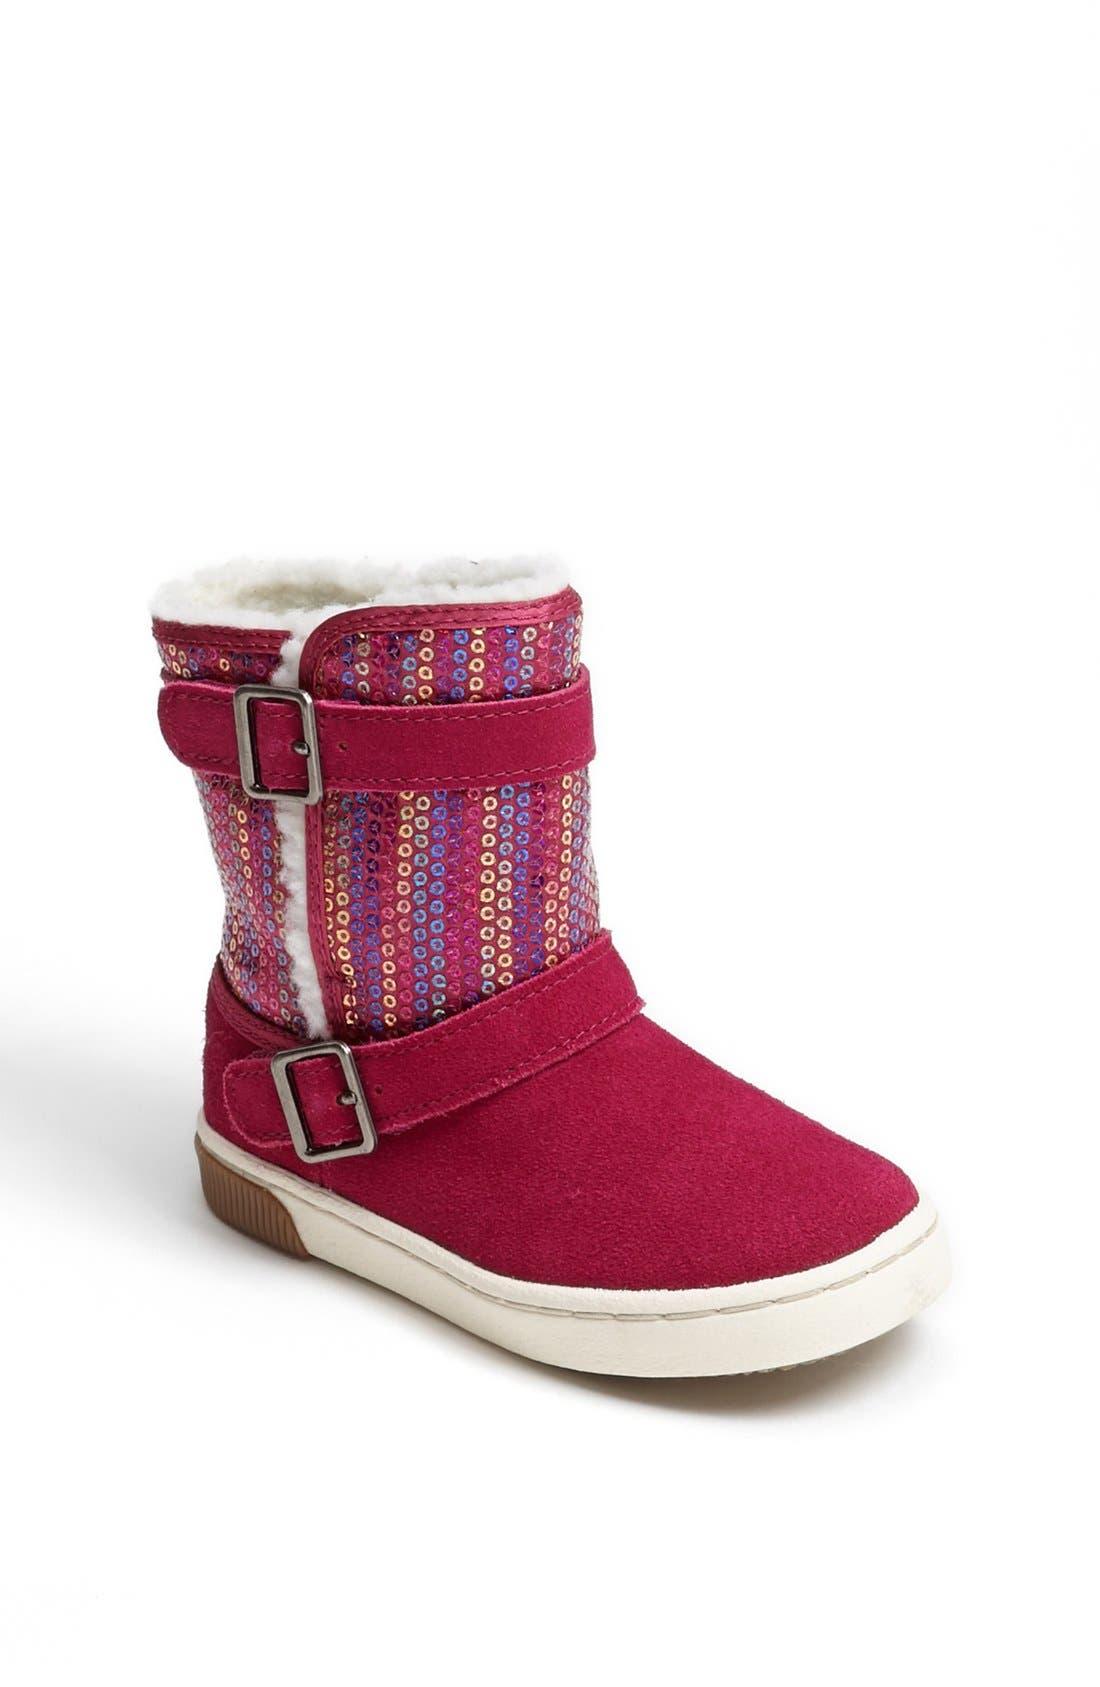 Main Image - Stride Rite 'Safi' Boot (Baby, Walker & Toddler)